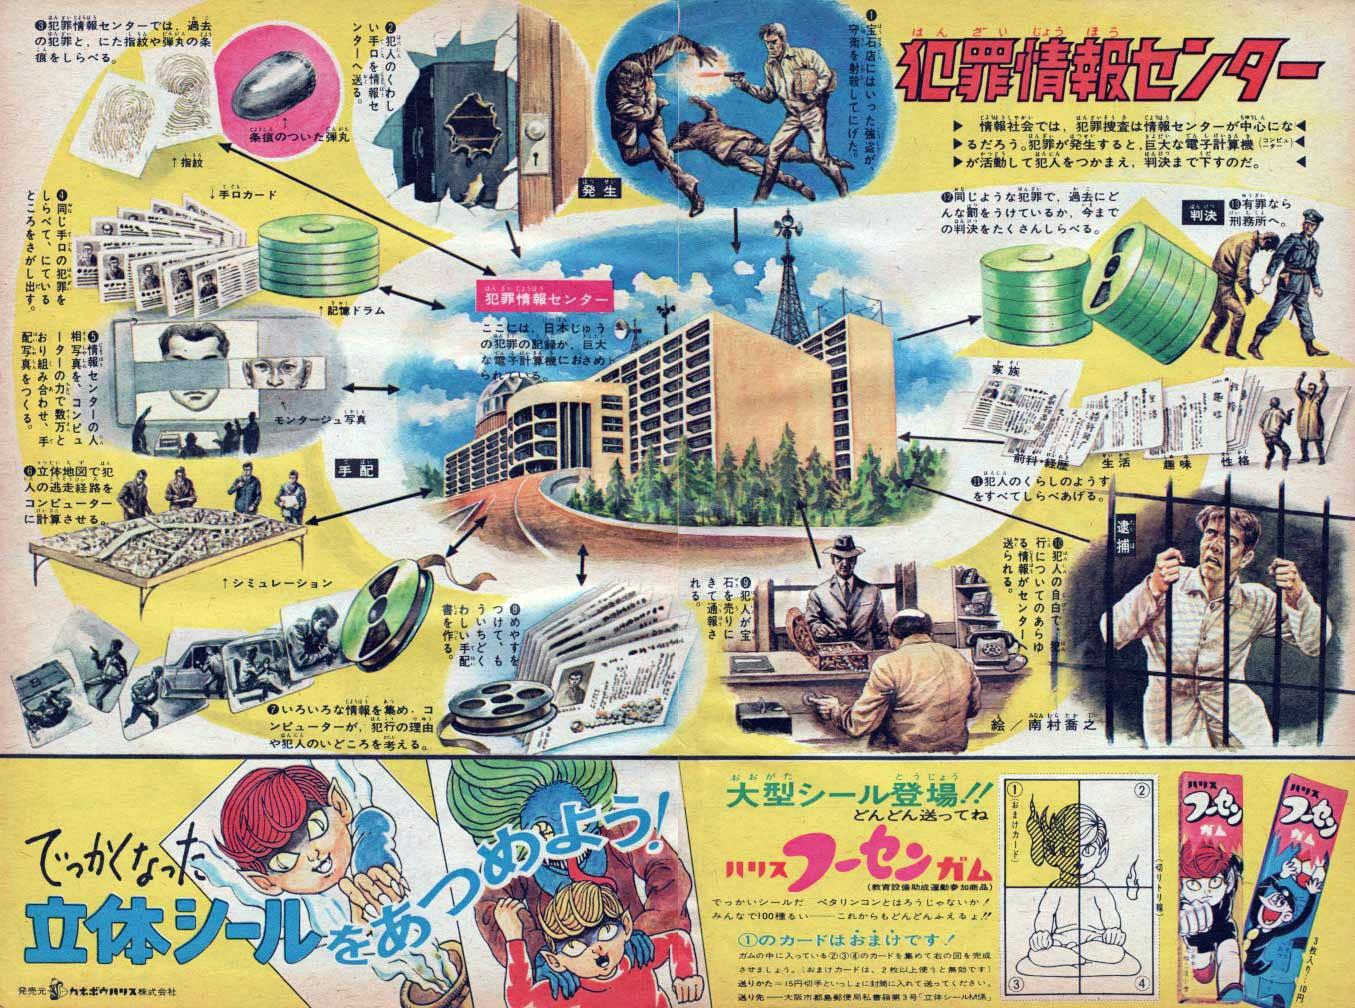 アート関連情報まとめ~宗平EYES~  昔の雑誌の日本の「2011年の未来予想図」が面白い!                        minminmiracle